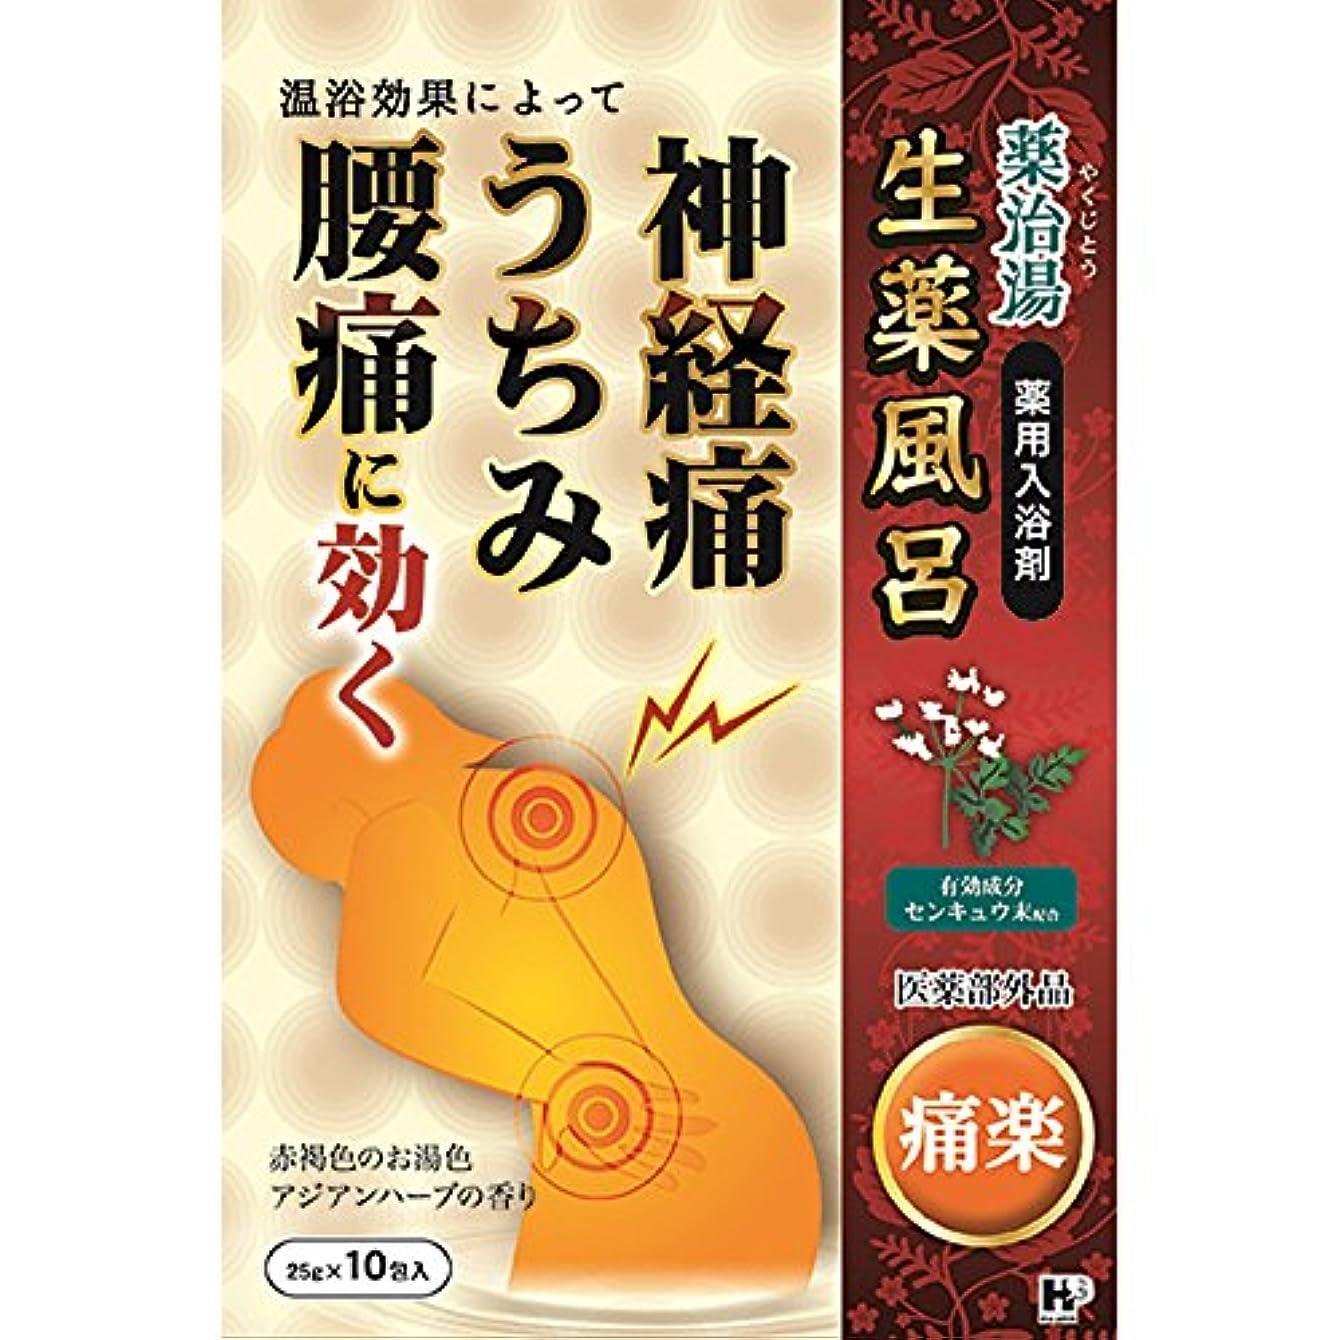 導出ぬいぐるみ振り向く薬治湯 痛楽 25g×10包